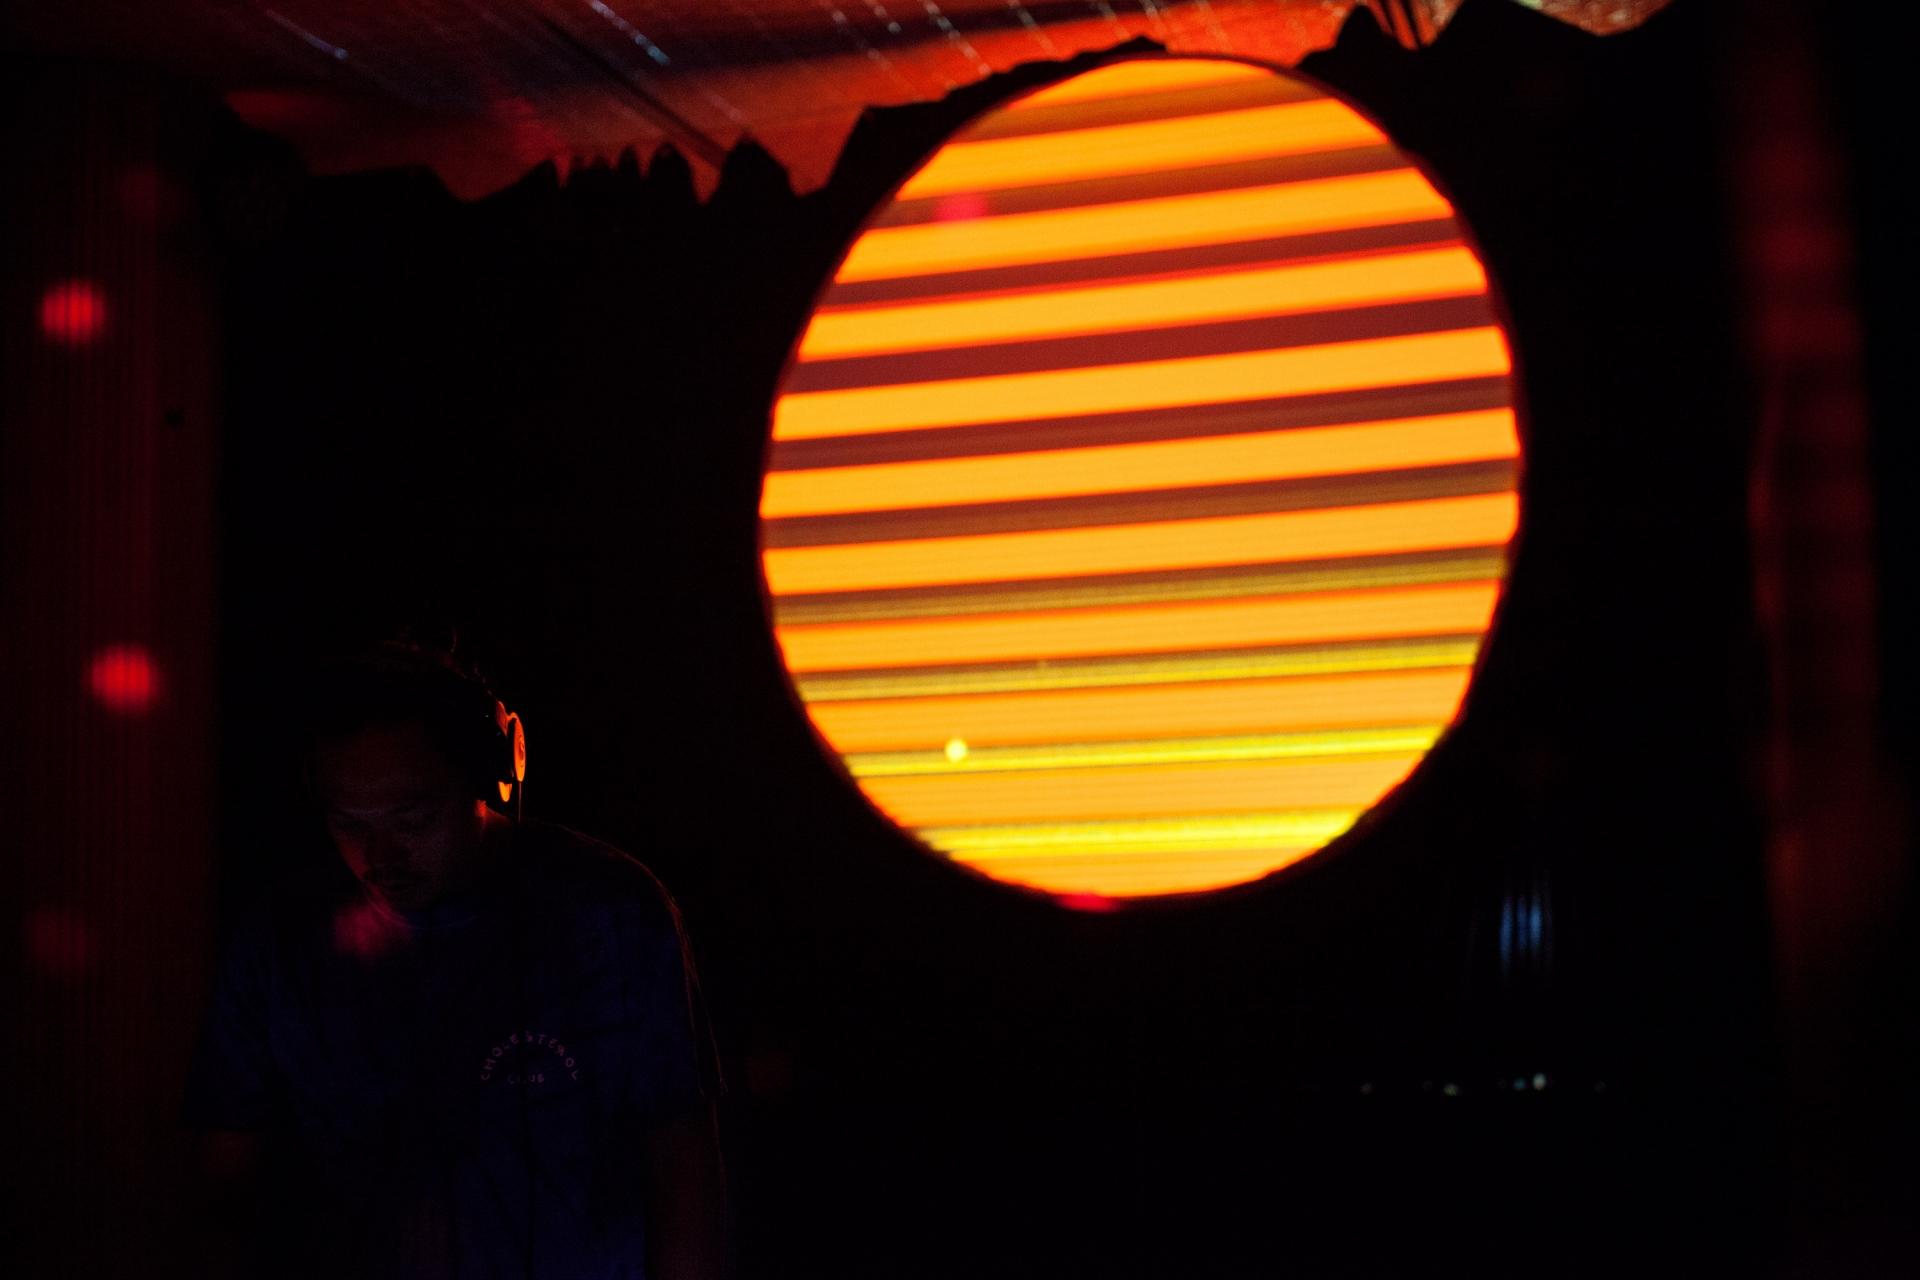 stevie anderson Sun down circle